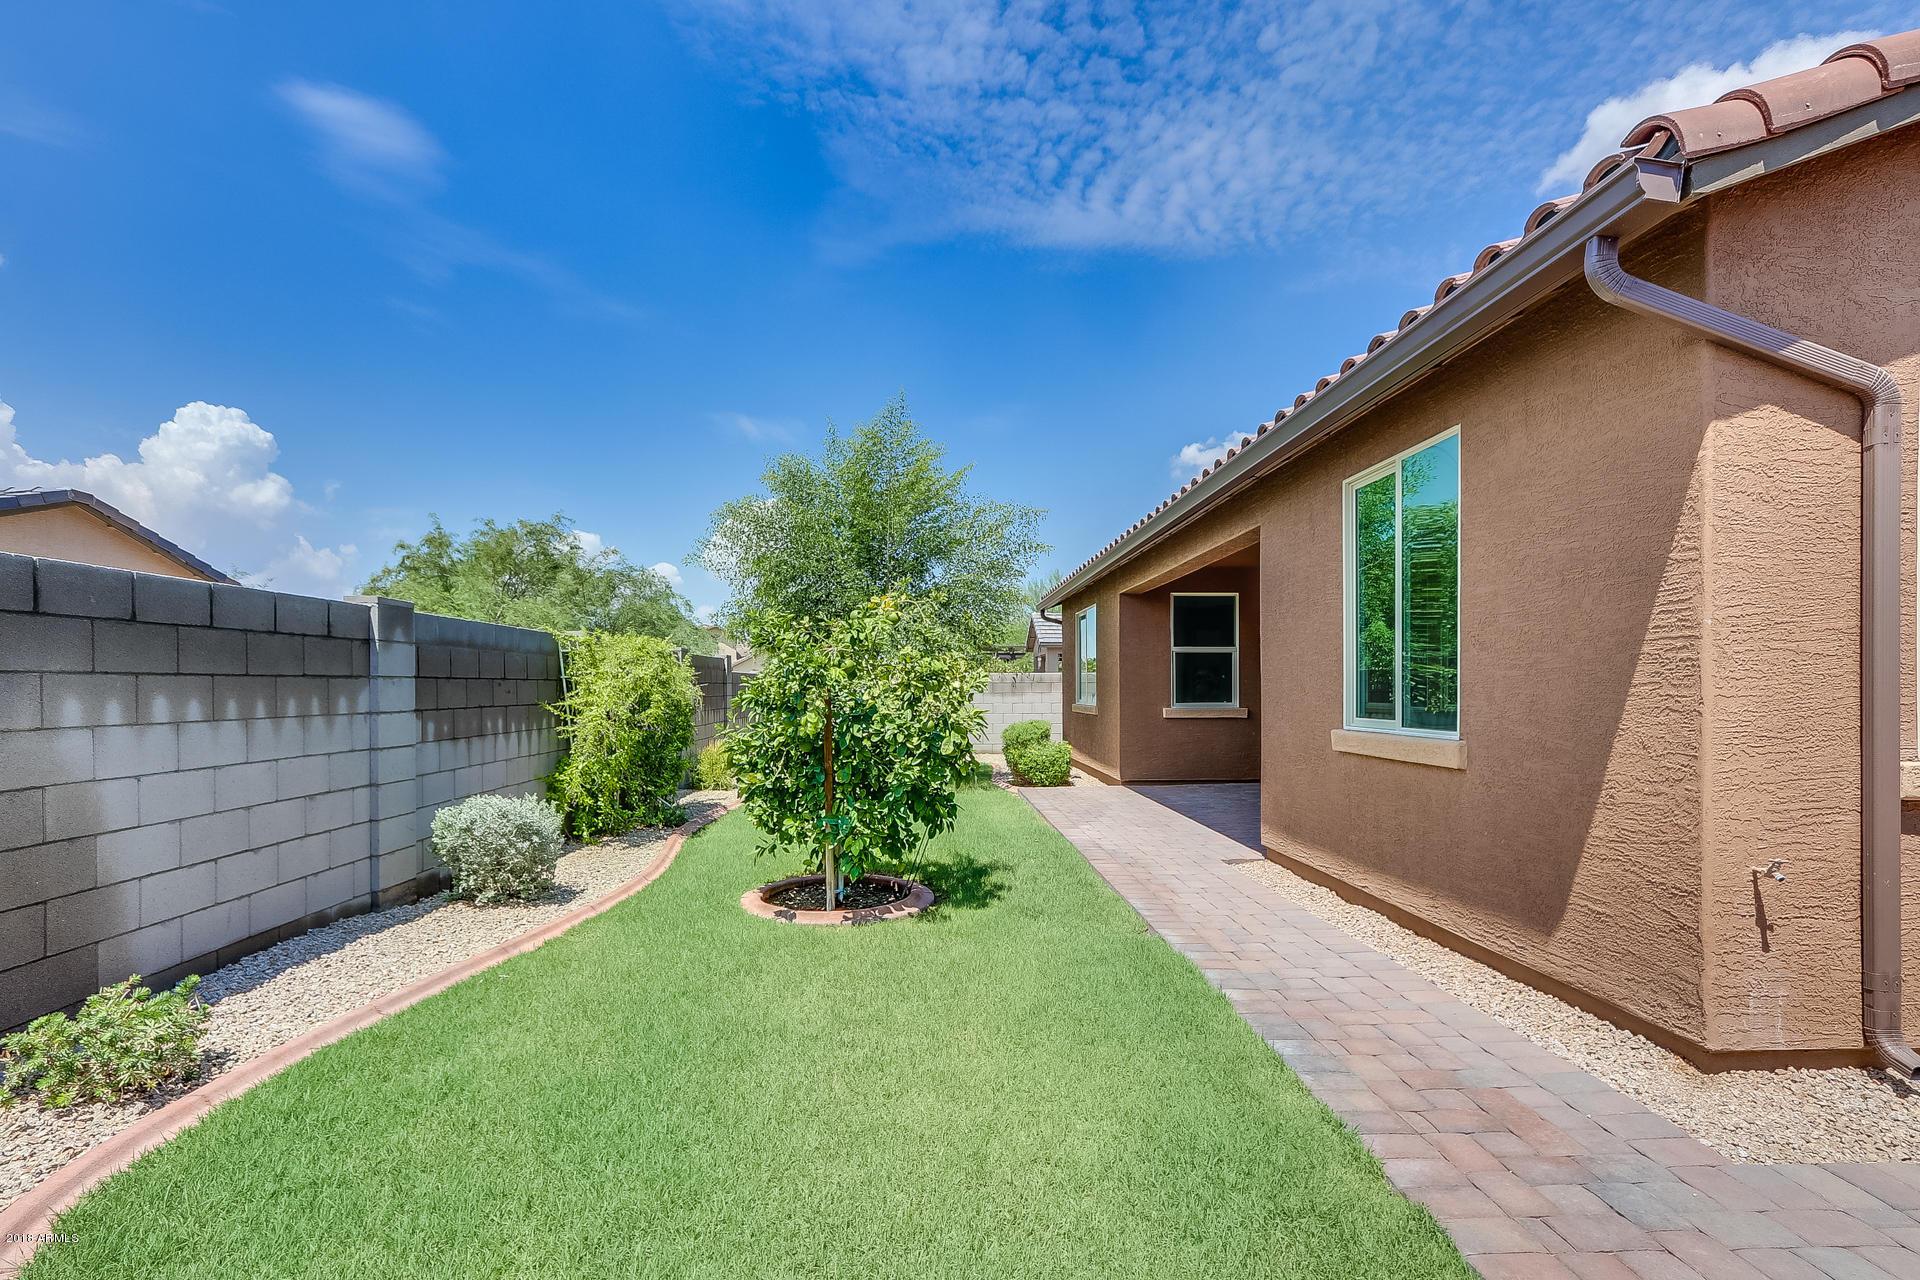 MLS 5793328 4127 W BEVERLY Road, Laveen, AZ 85339 Laveen AZ Newly Built